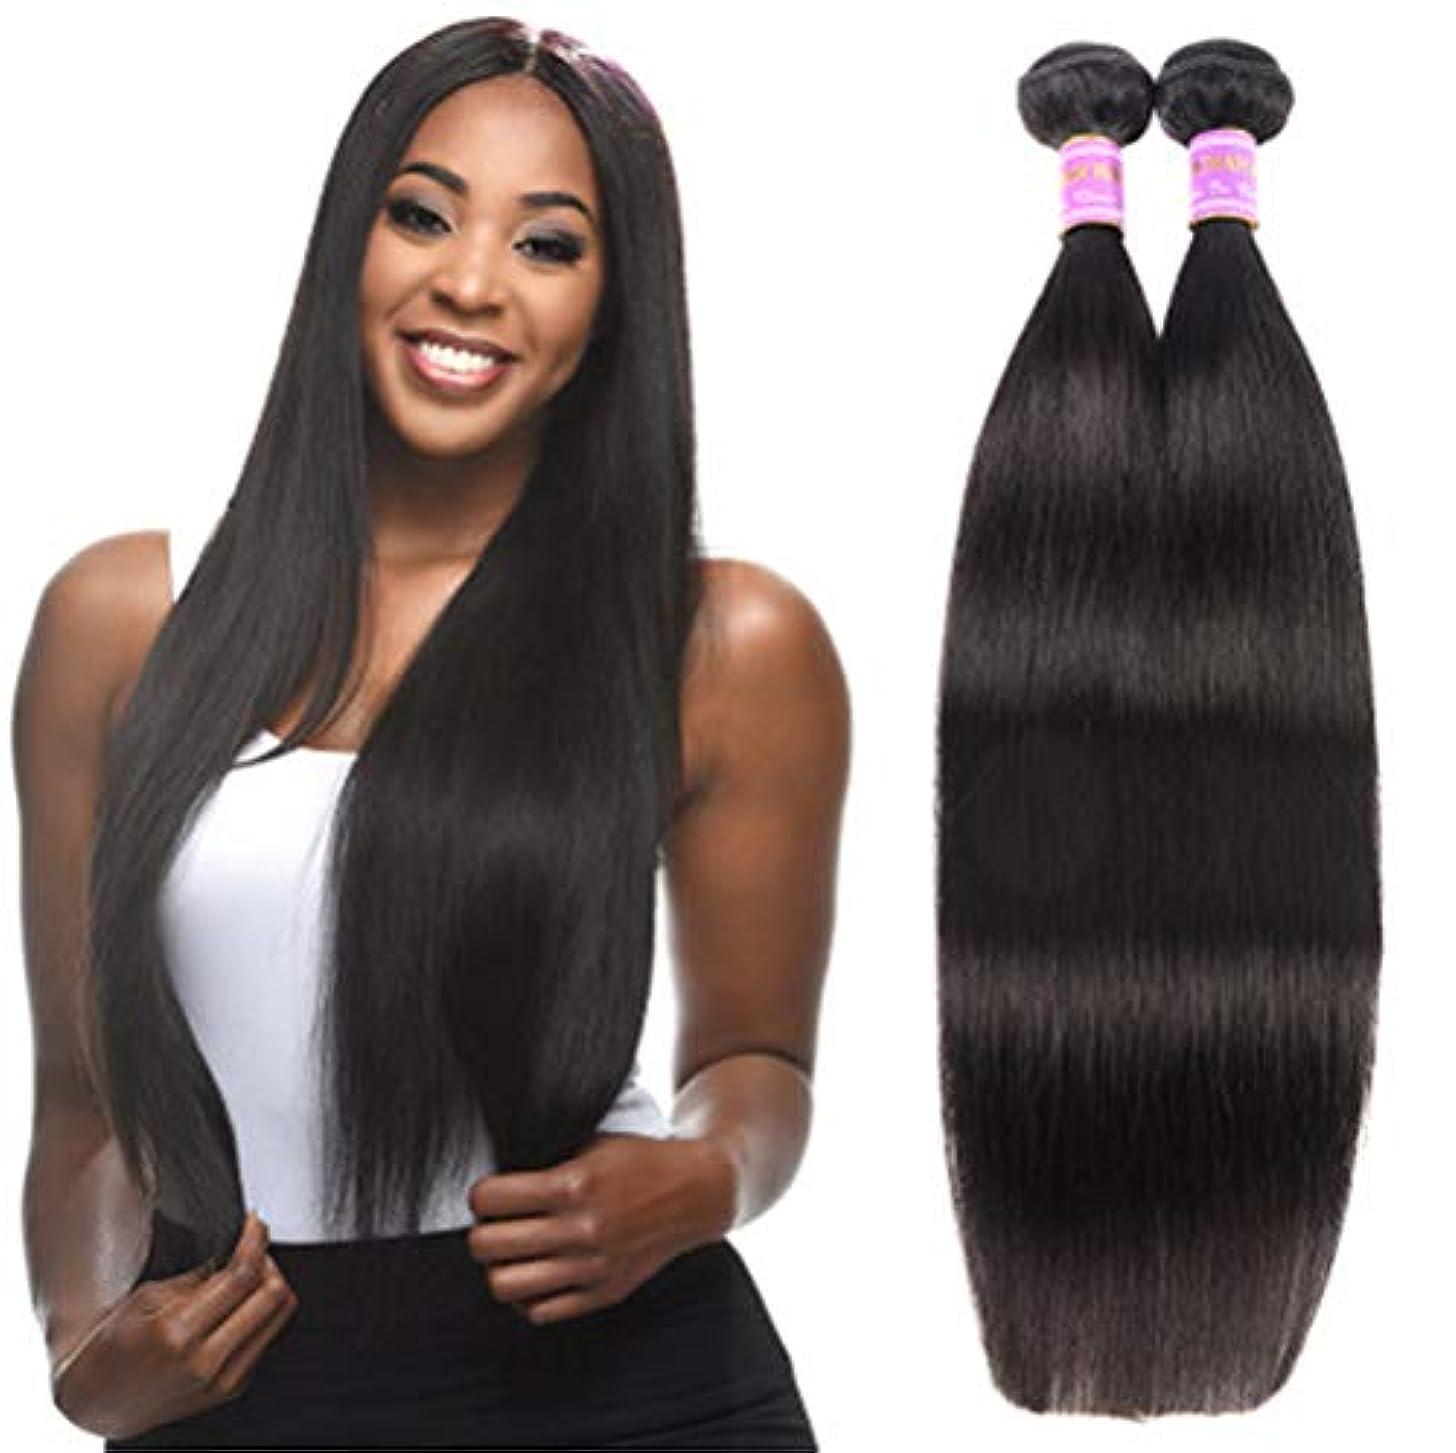 日の出財団突破口髪織り女性150%密度ブラジルストレートヘアバンドル安いブラジル髪バンドルストレート人間の髪の毛